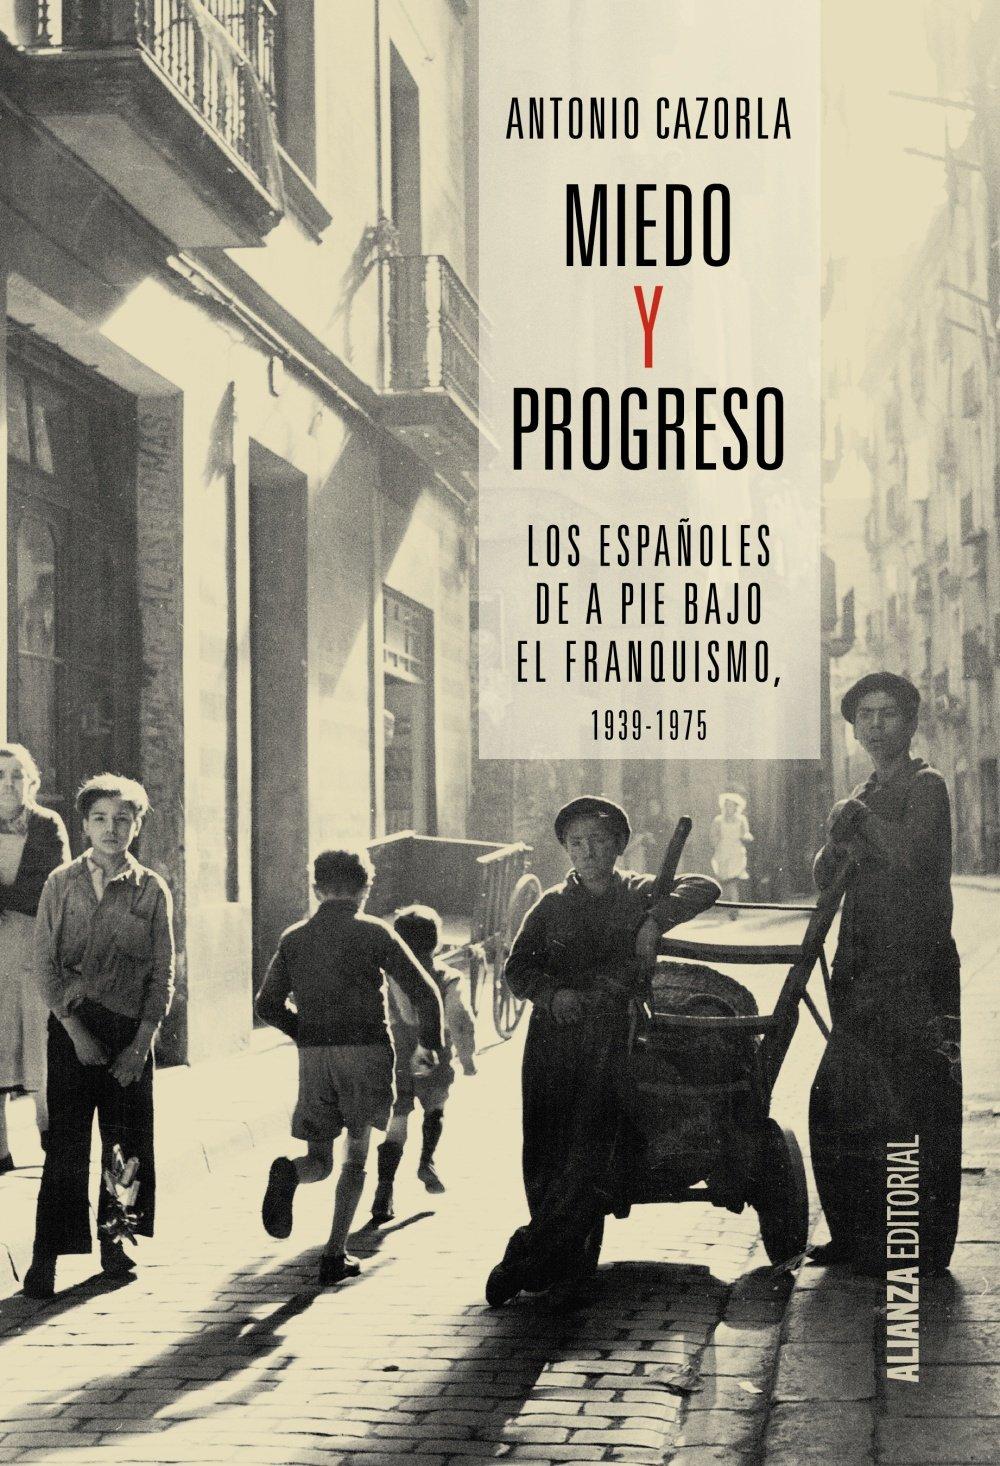 Miedo y progreso: Los españoles de a pie bajo el franquismo, 1939-1975 Alianza Ensayo: Amazon.es: Cazorla, Antonio, Cazorla, Antonio: Libros